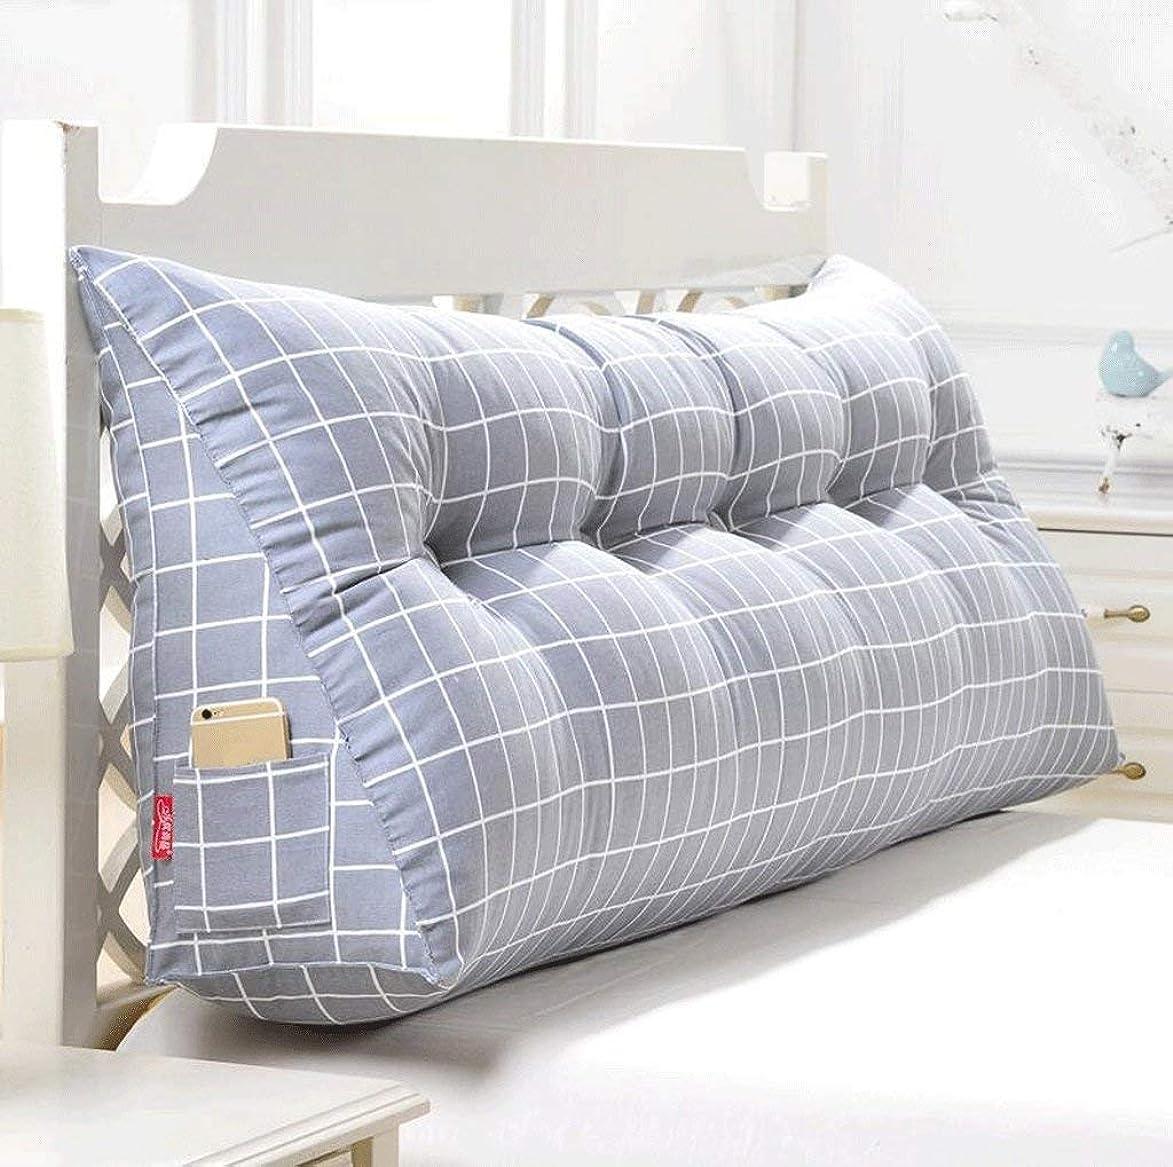 準備ができて農業の面GLP ベッドサイドクッションダブルトライアングルラージバック畳ソフトバッグソファ枕クッションベッドクッションバックウエストピロー、9サイズ&3色 (Color : B, Size : 135*20*50cm)